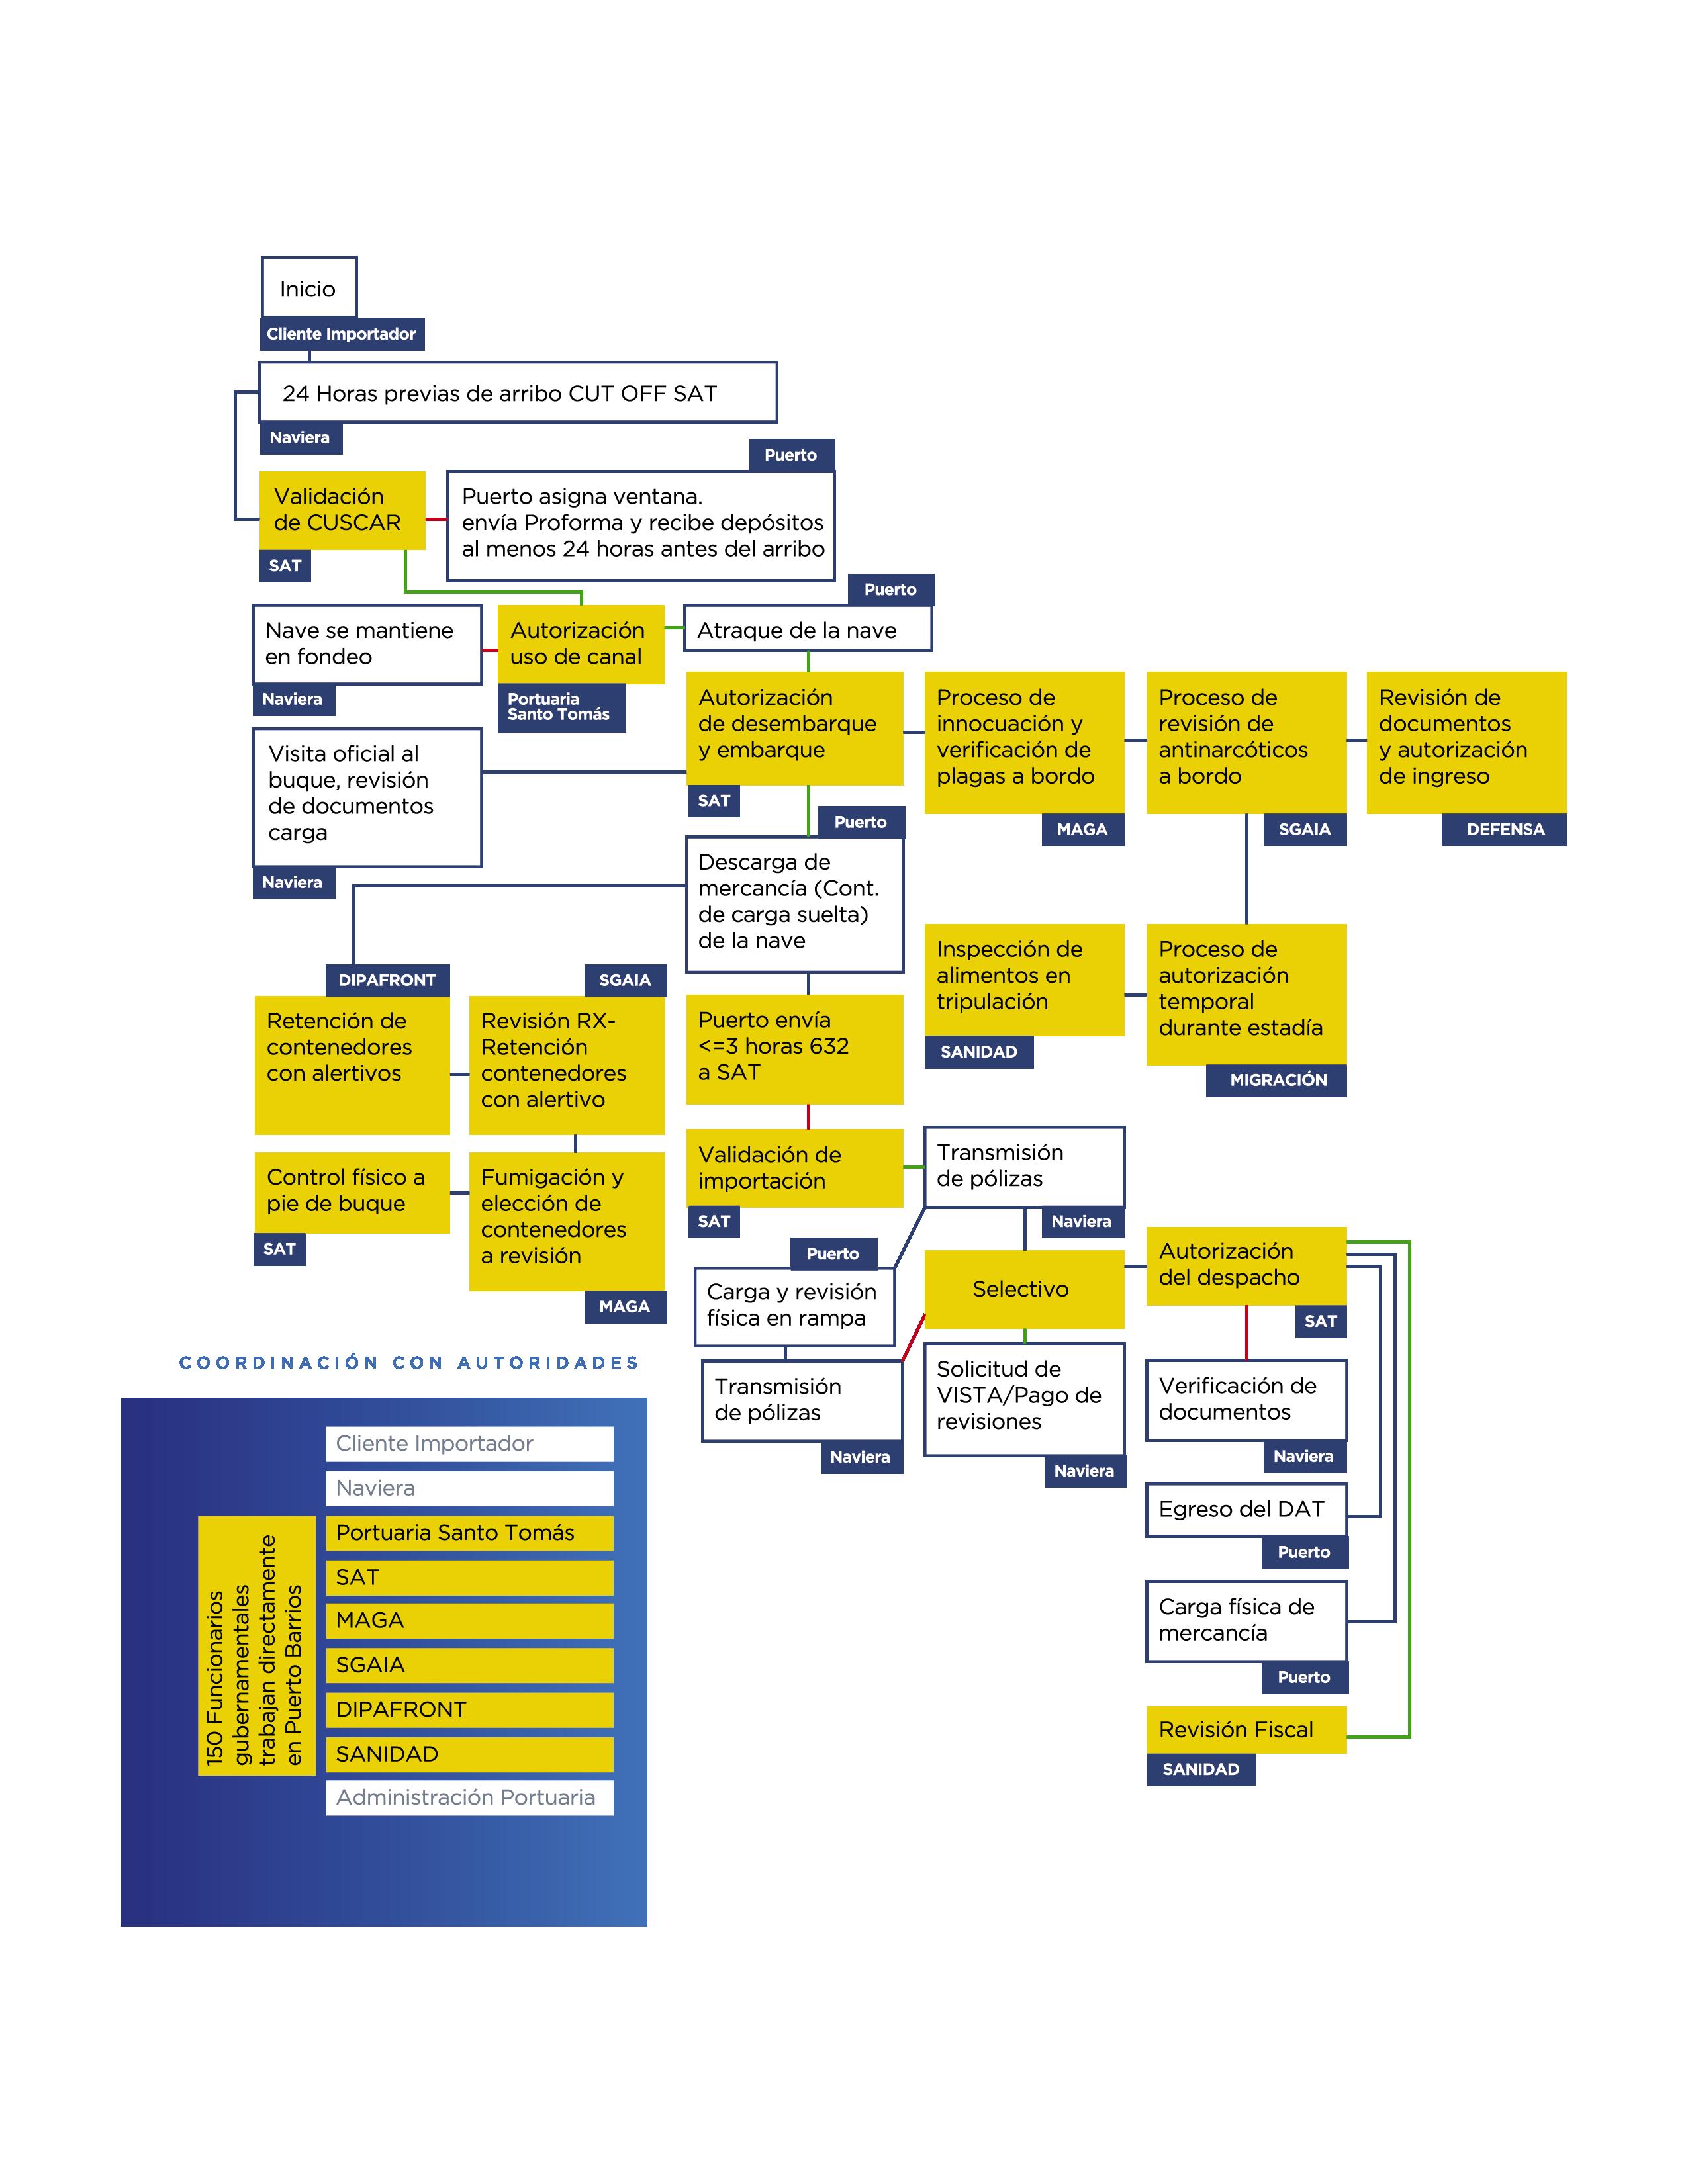 grafico proceso de importacion